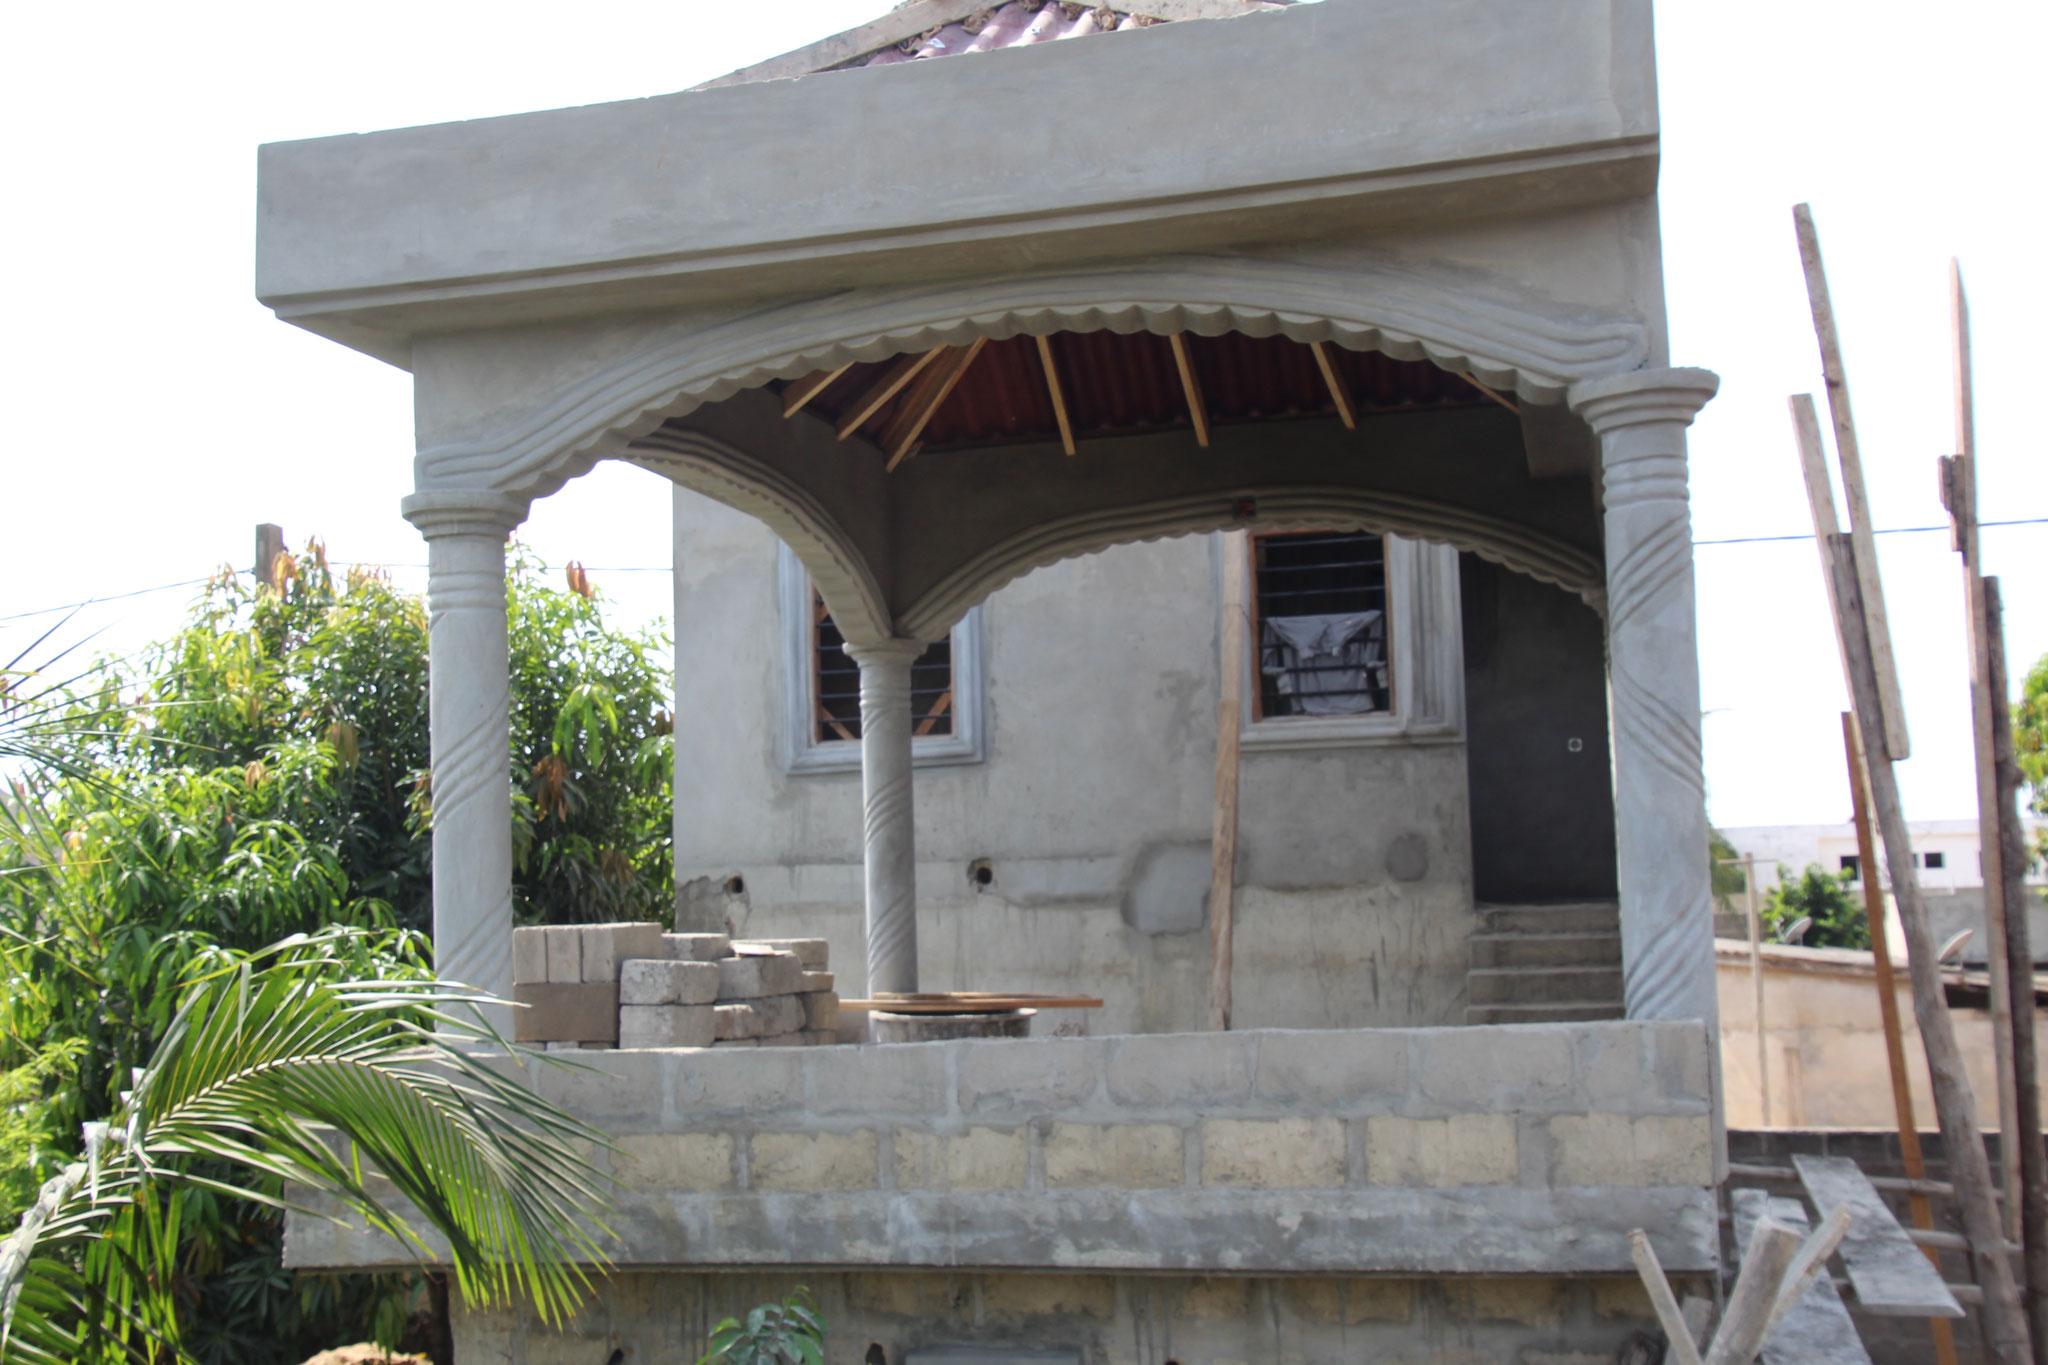 Die Terrasse noch ohne Betongeländer.